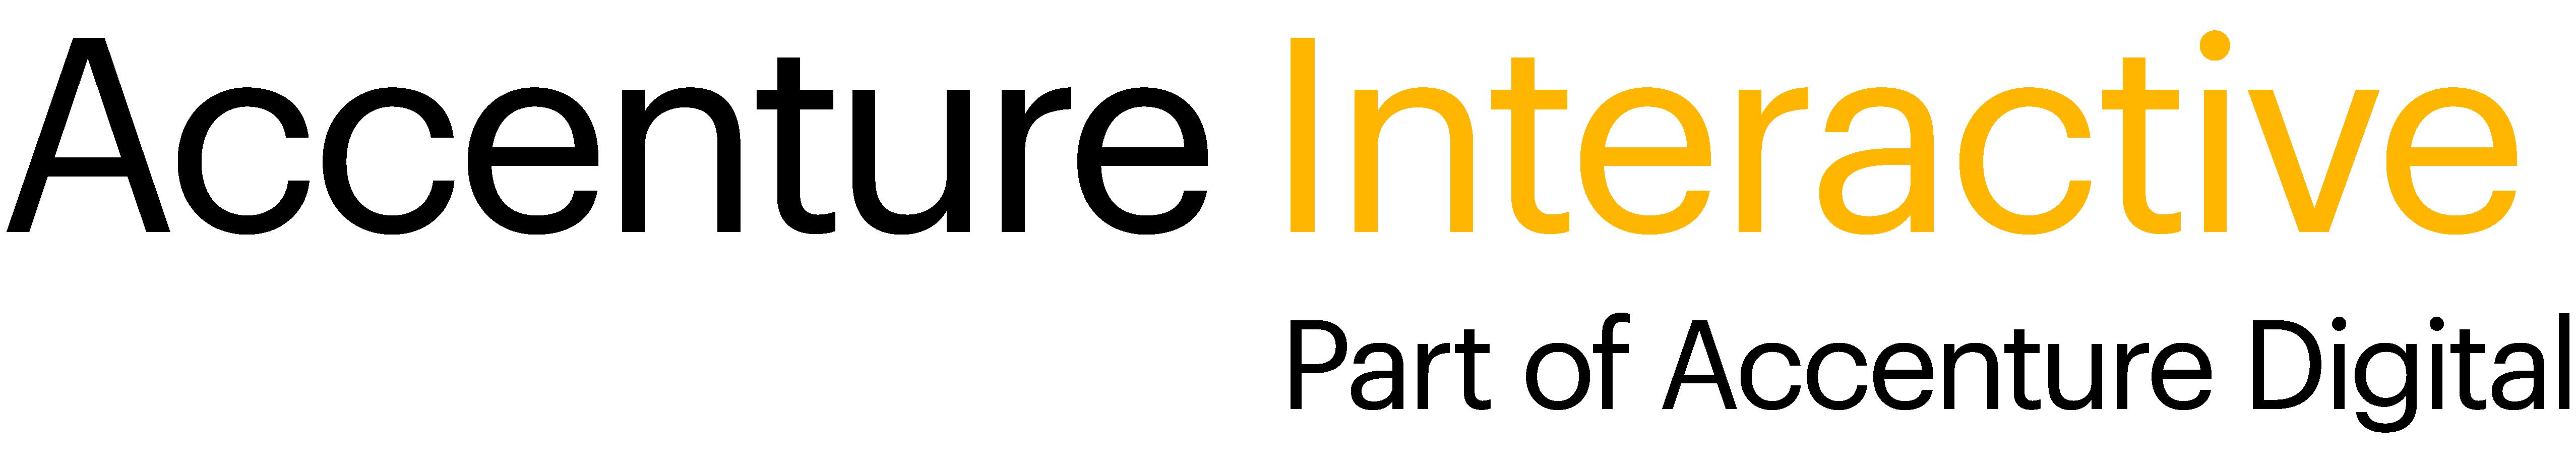 Acc_Digital_Interactive_Wordmark_BLK